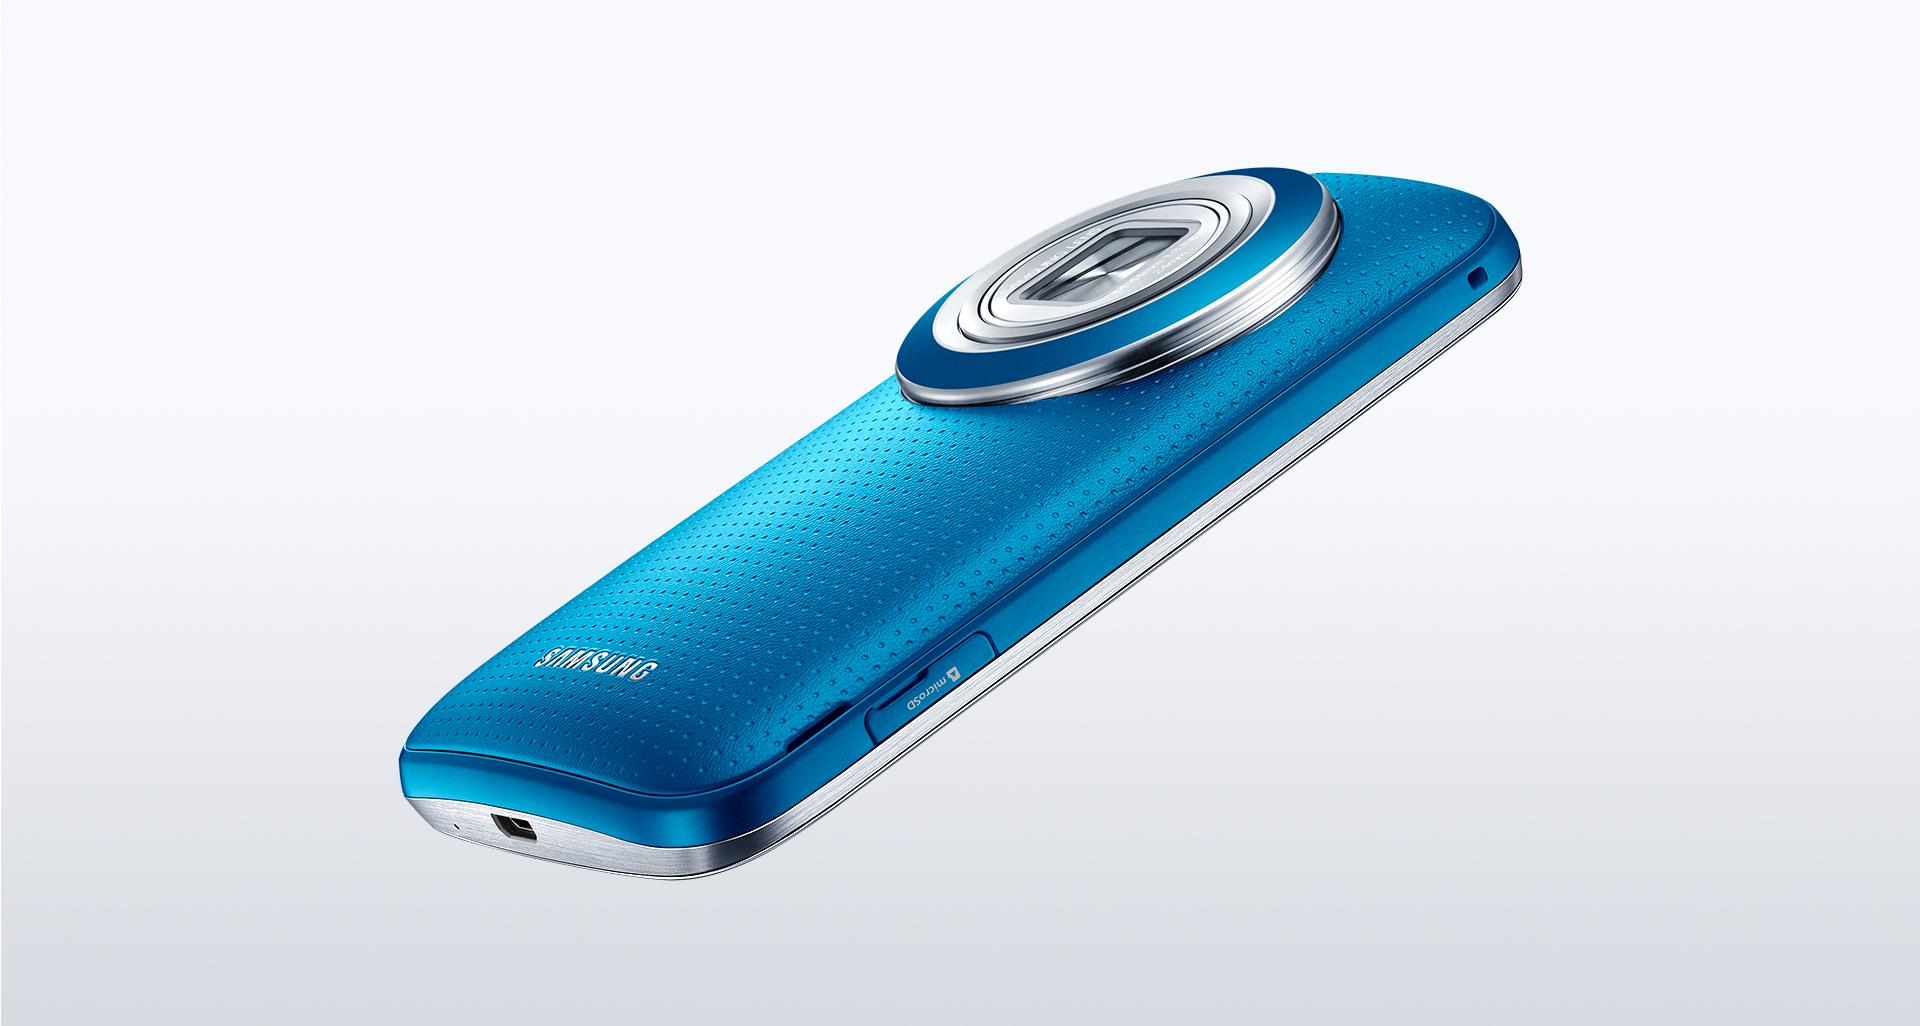 Samsung Galaxy K-ZOOM